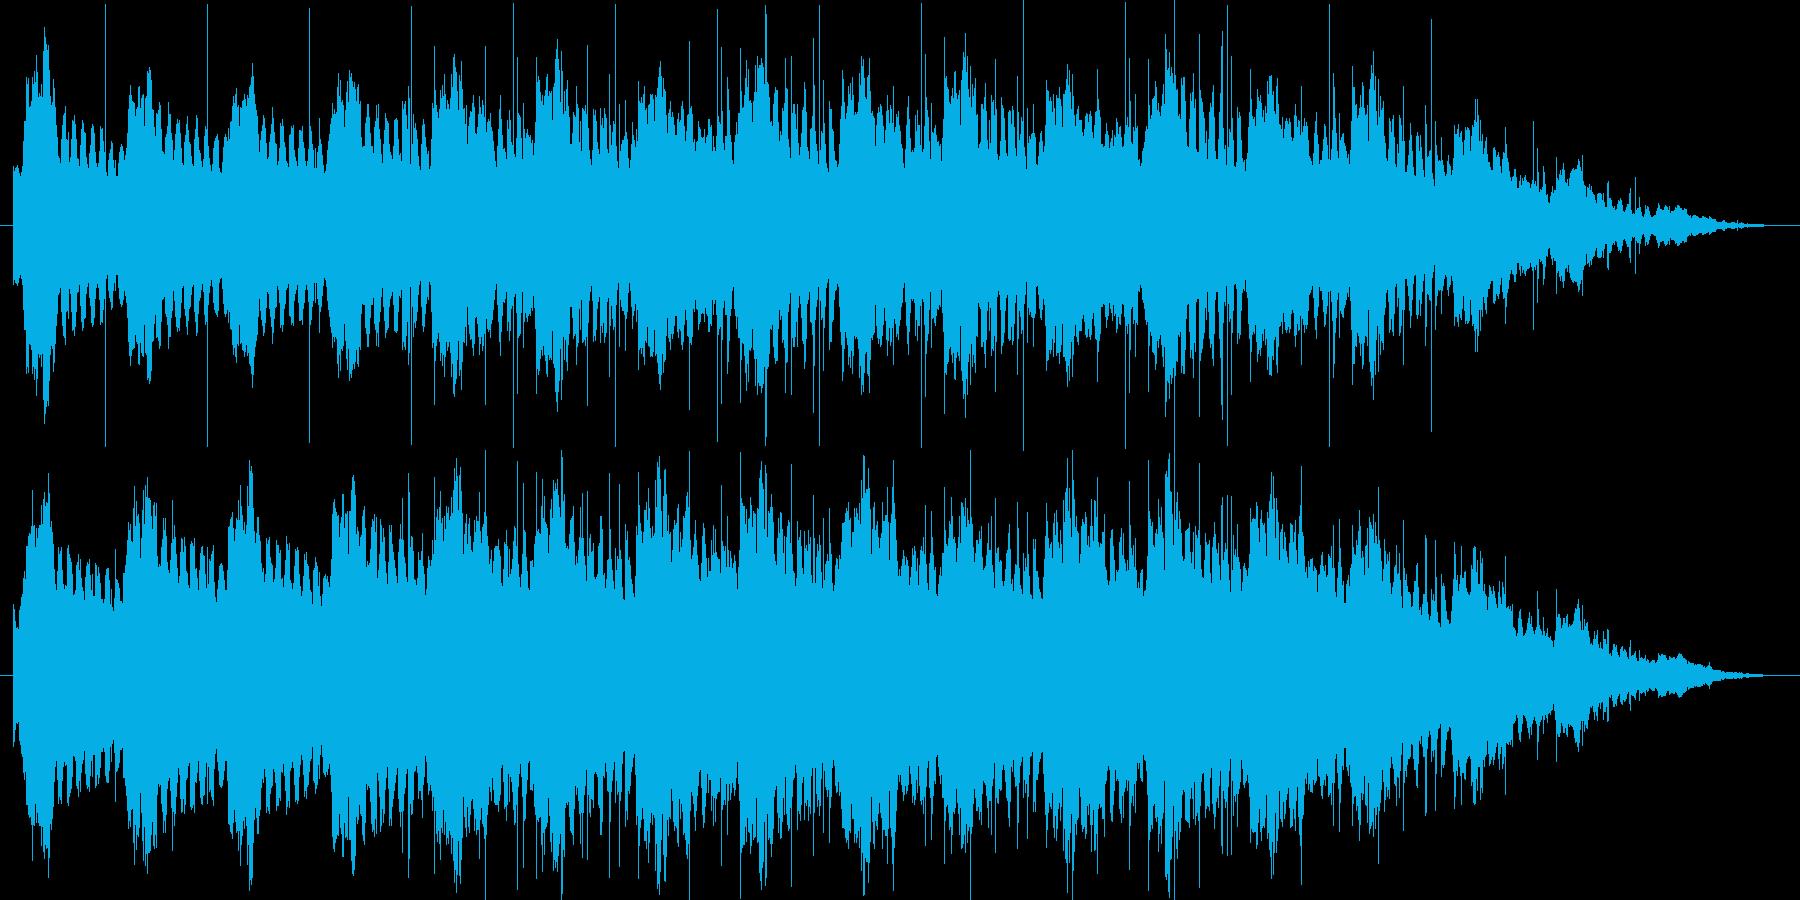 寂寥感漂うエレクトロニカの再生済みの波形